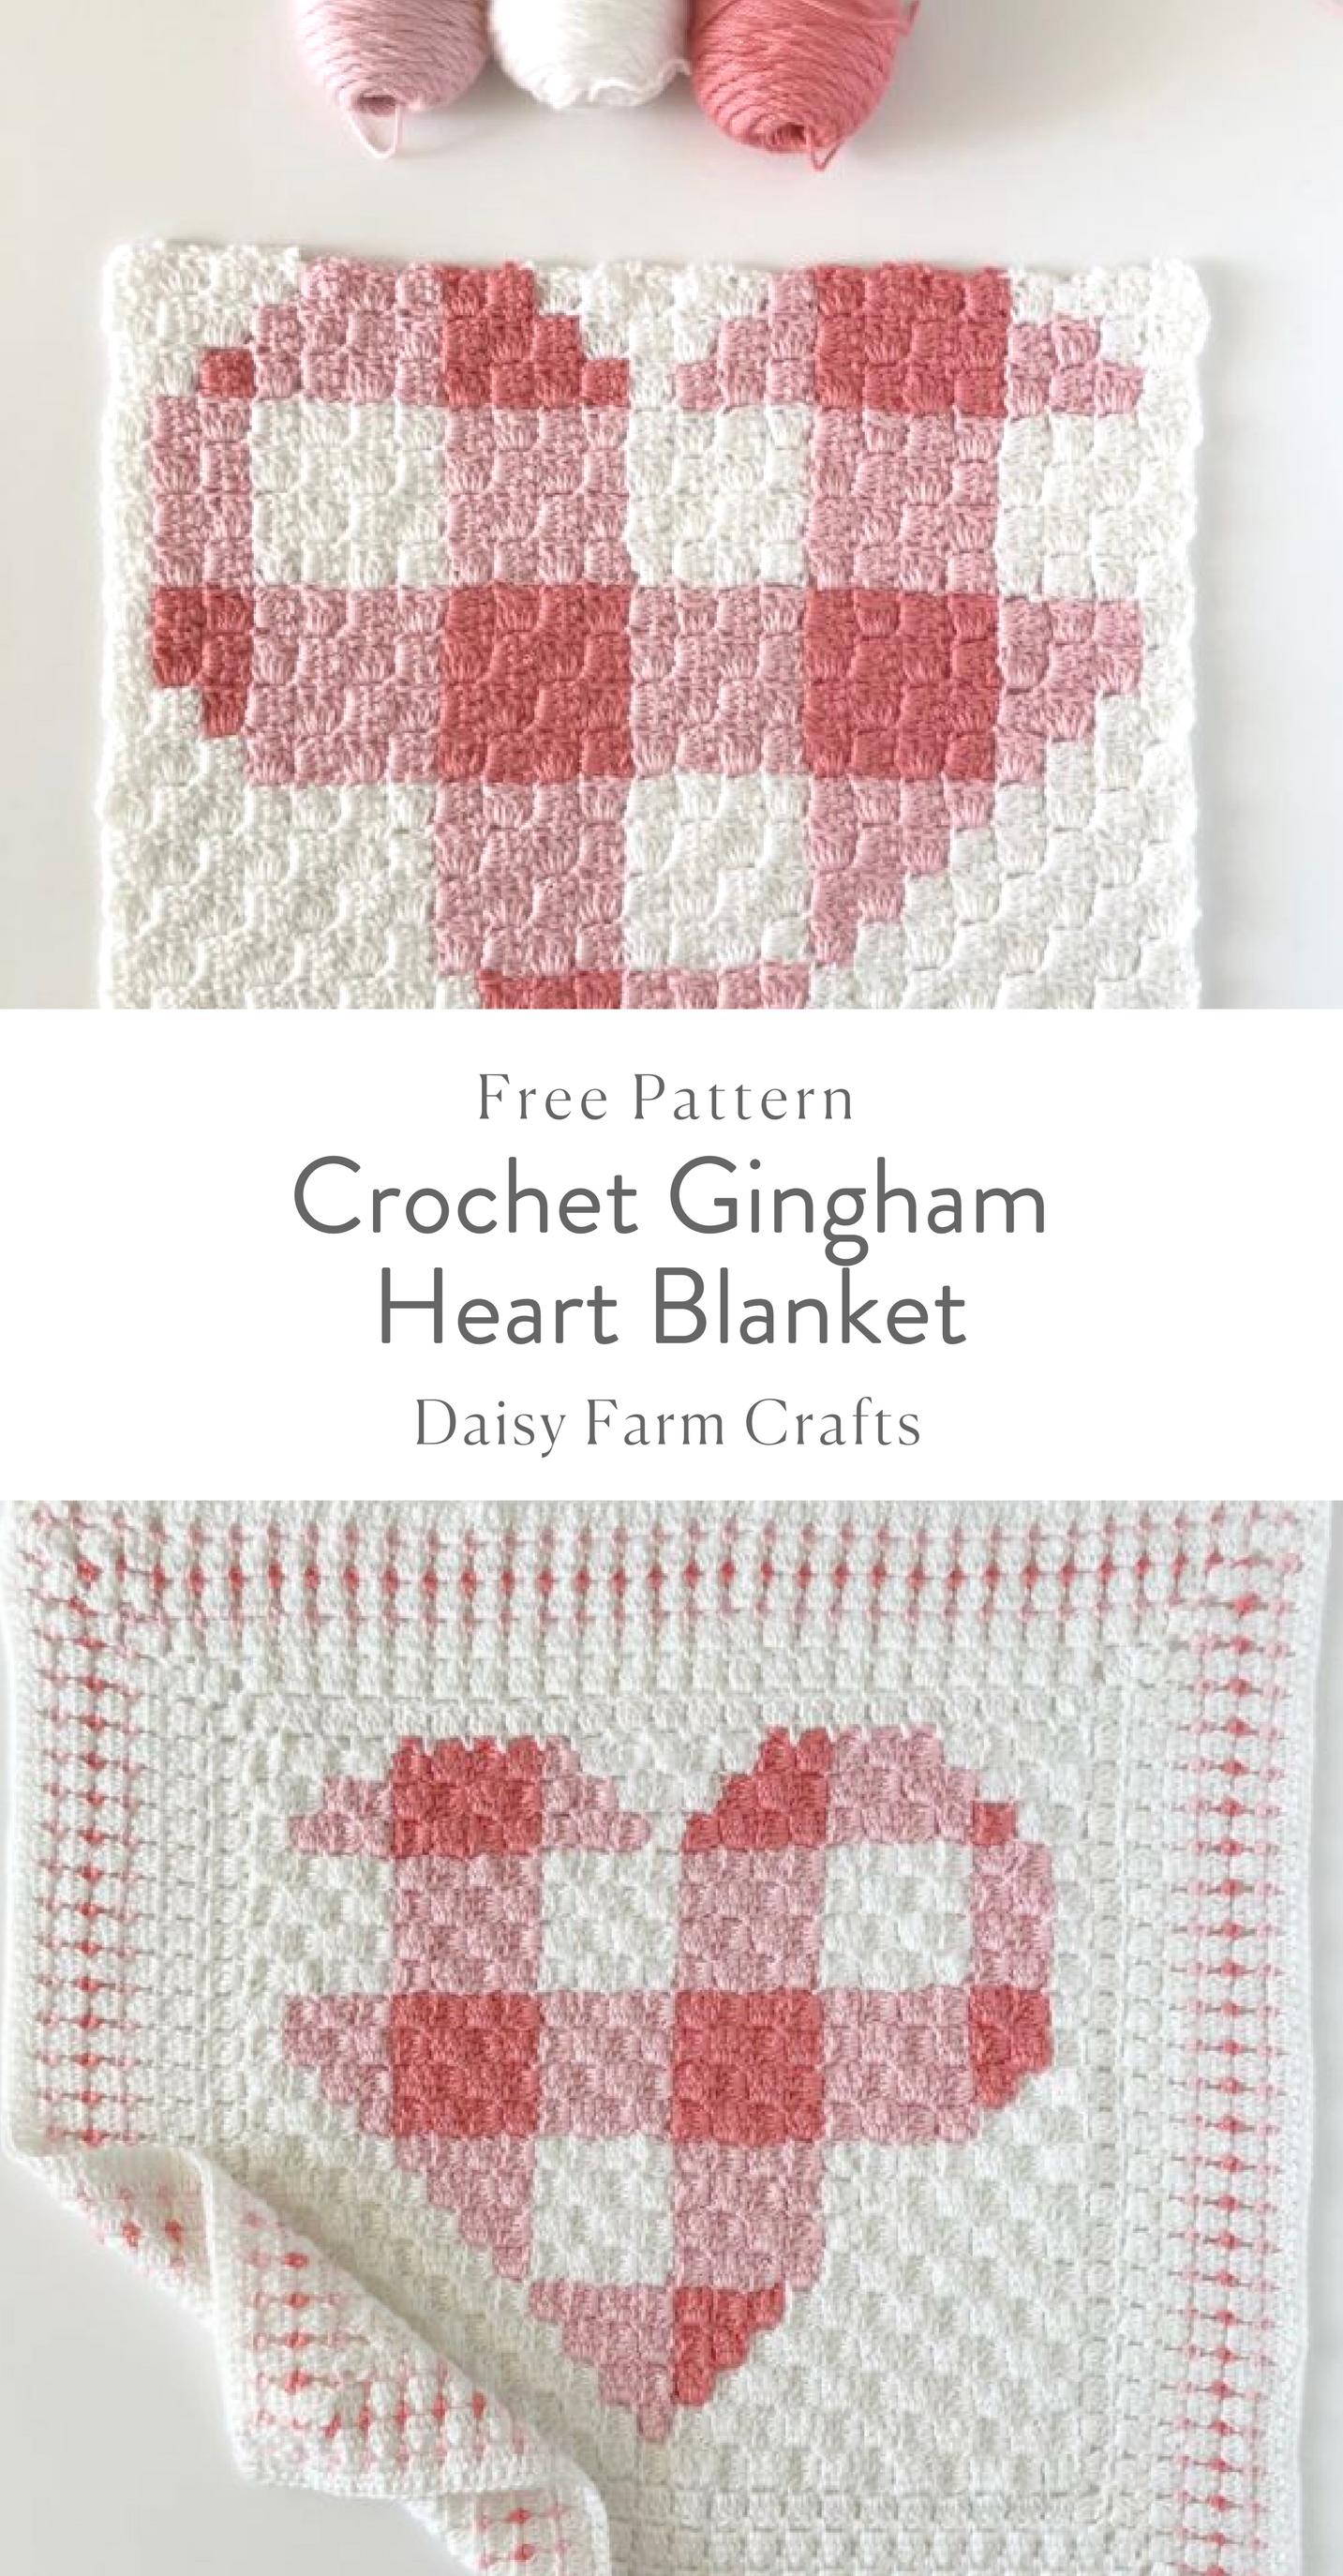 Free Pattern - Crochet Gingham Heart Blanket | yarn over | Pinterest ...